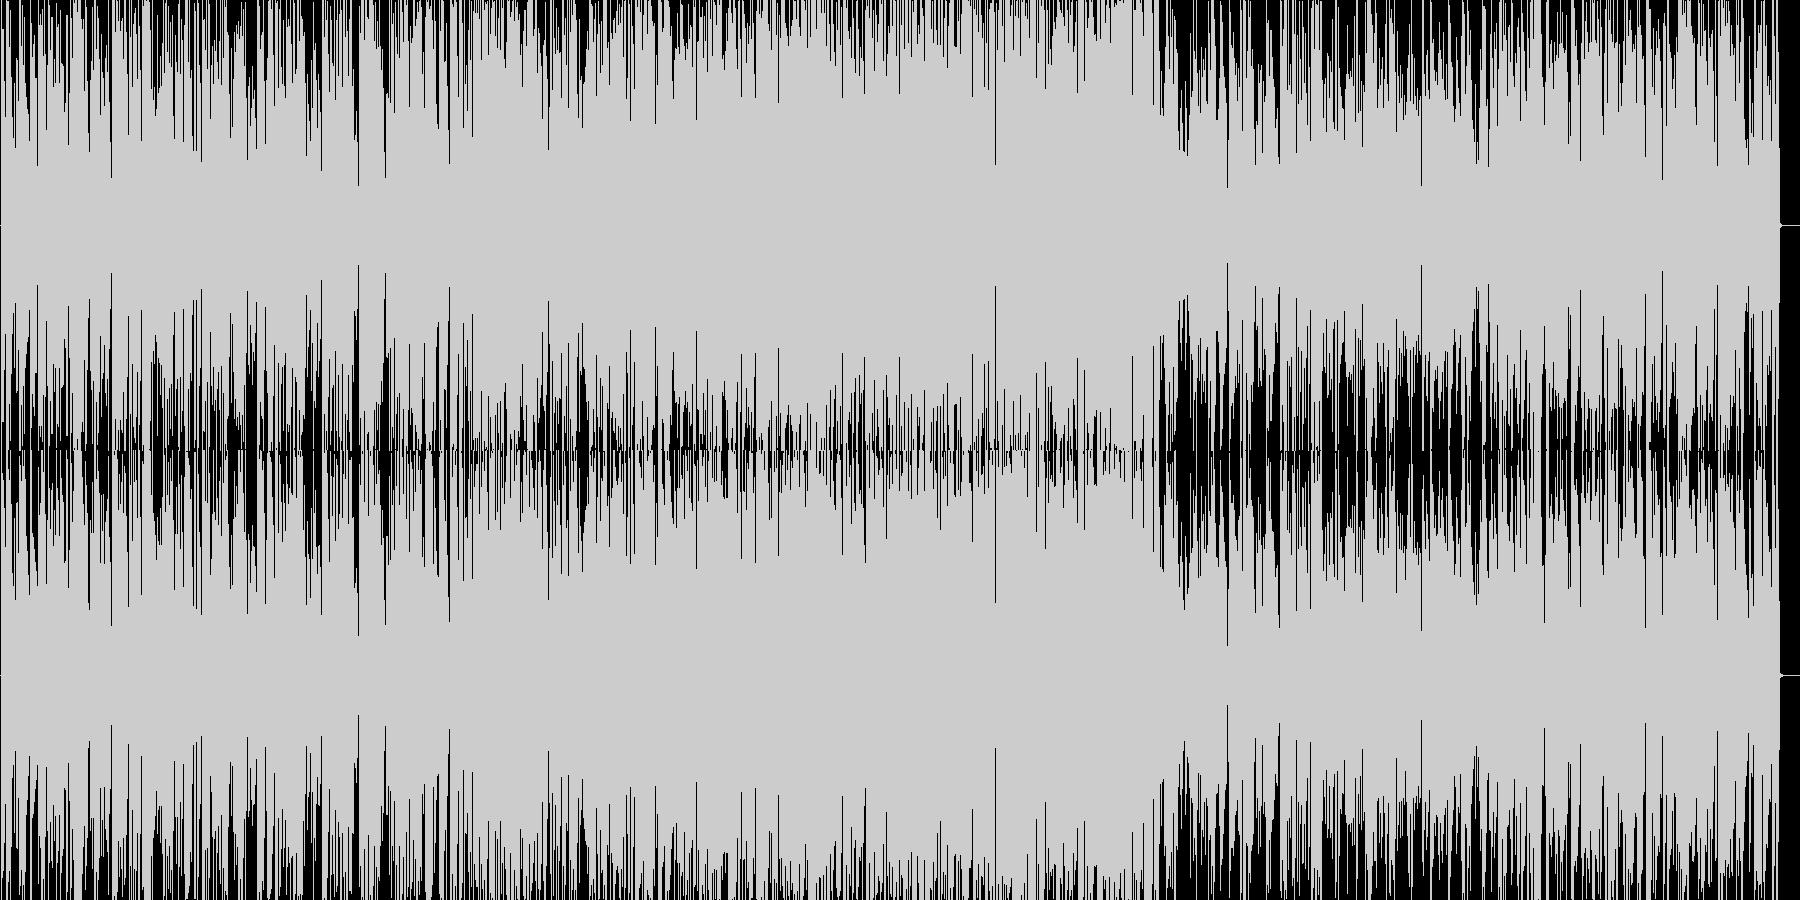 軽快なジャズピアノトリオの未再生の波形